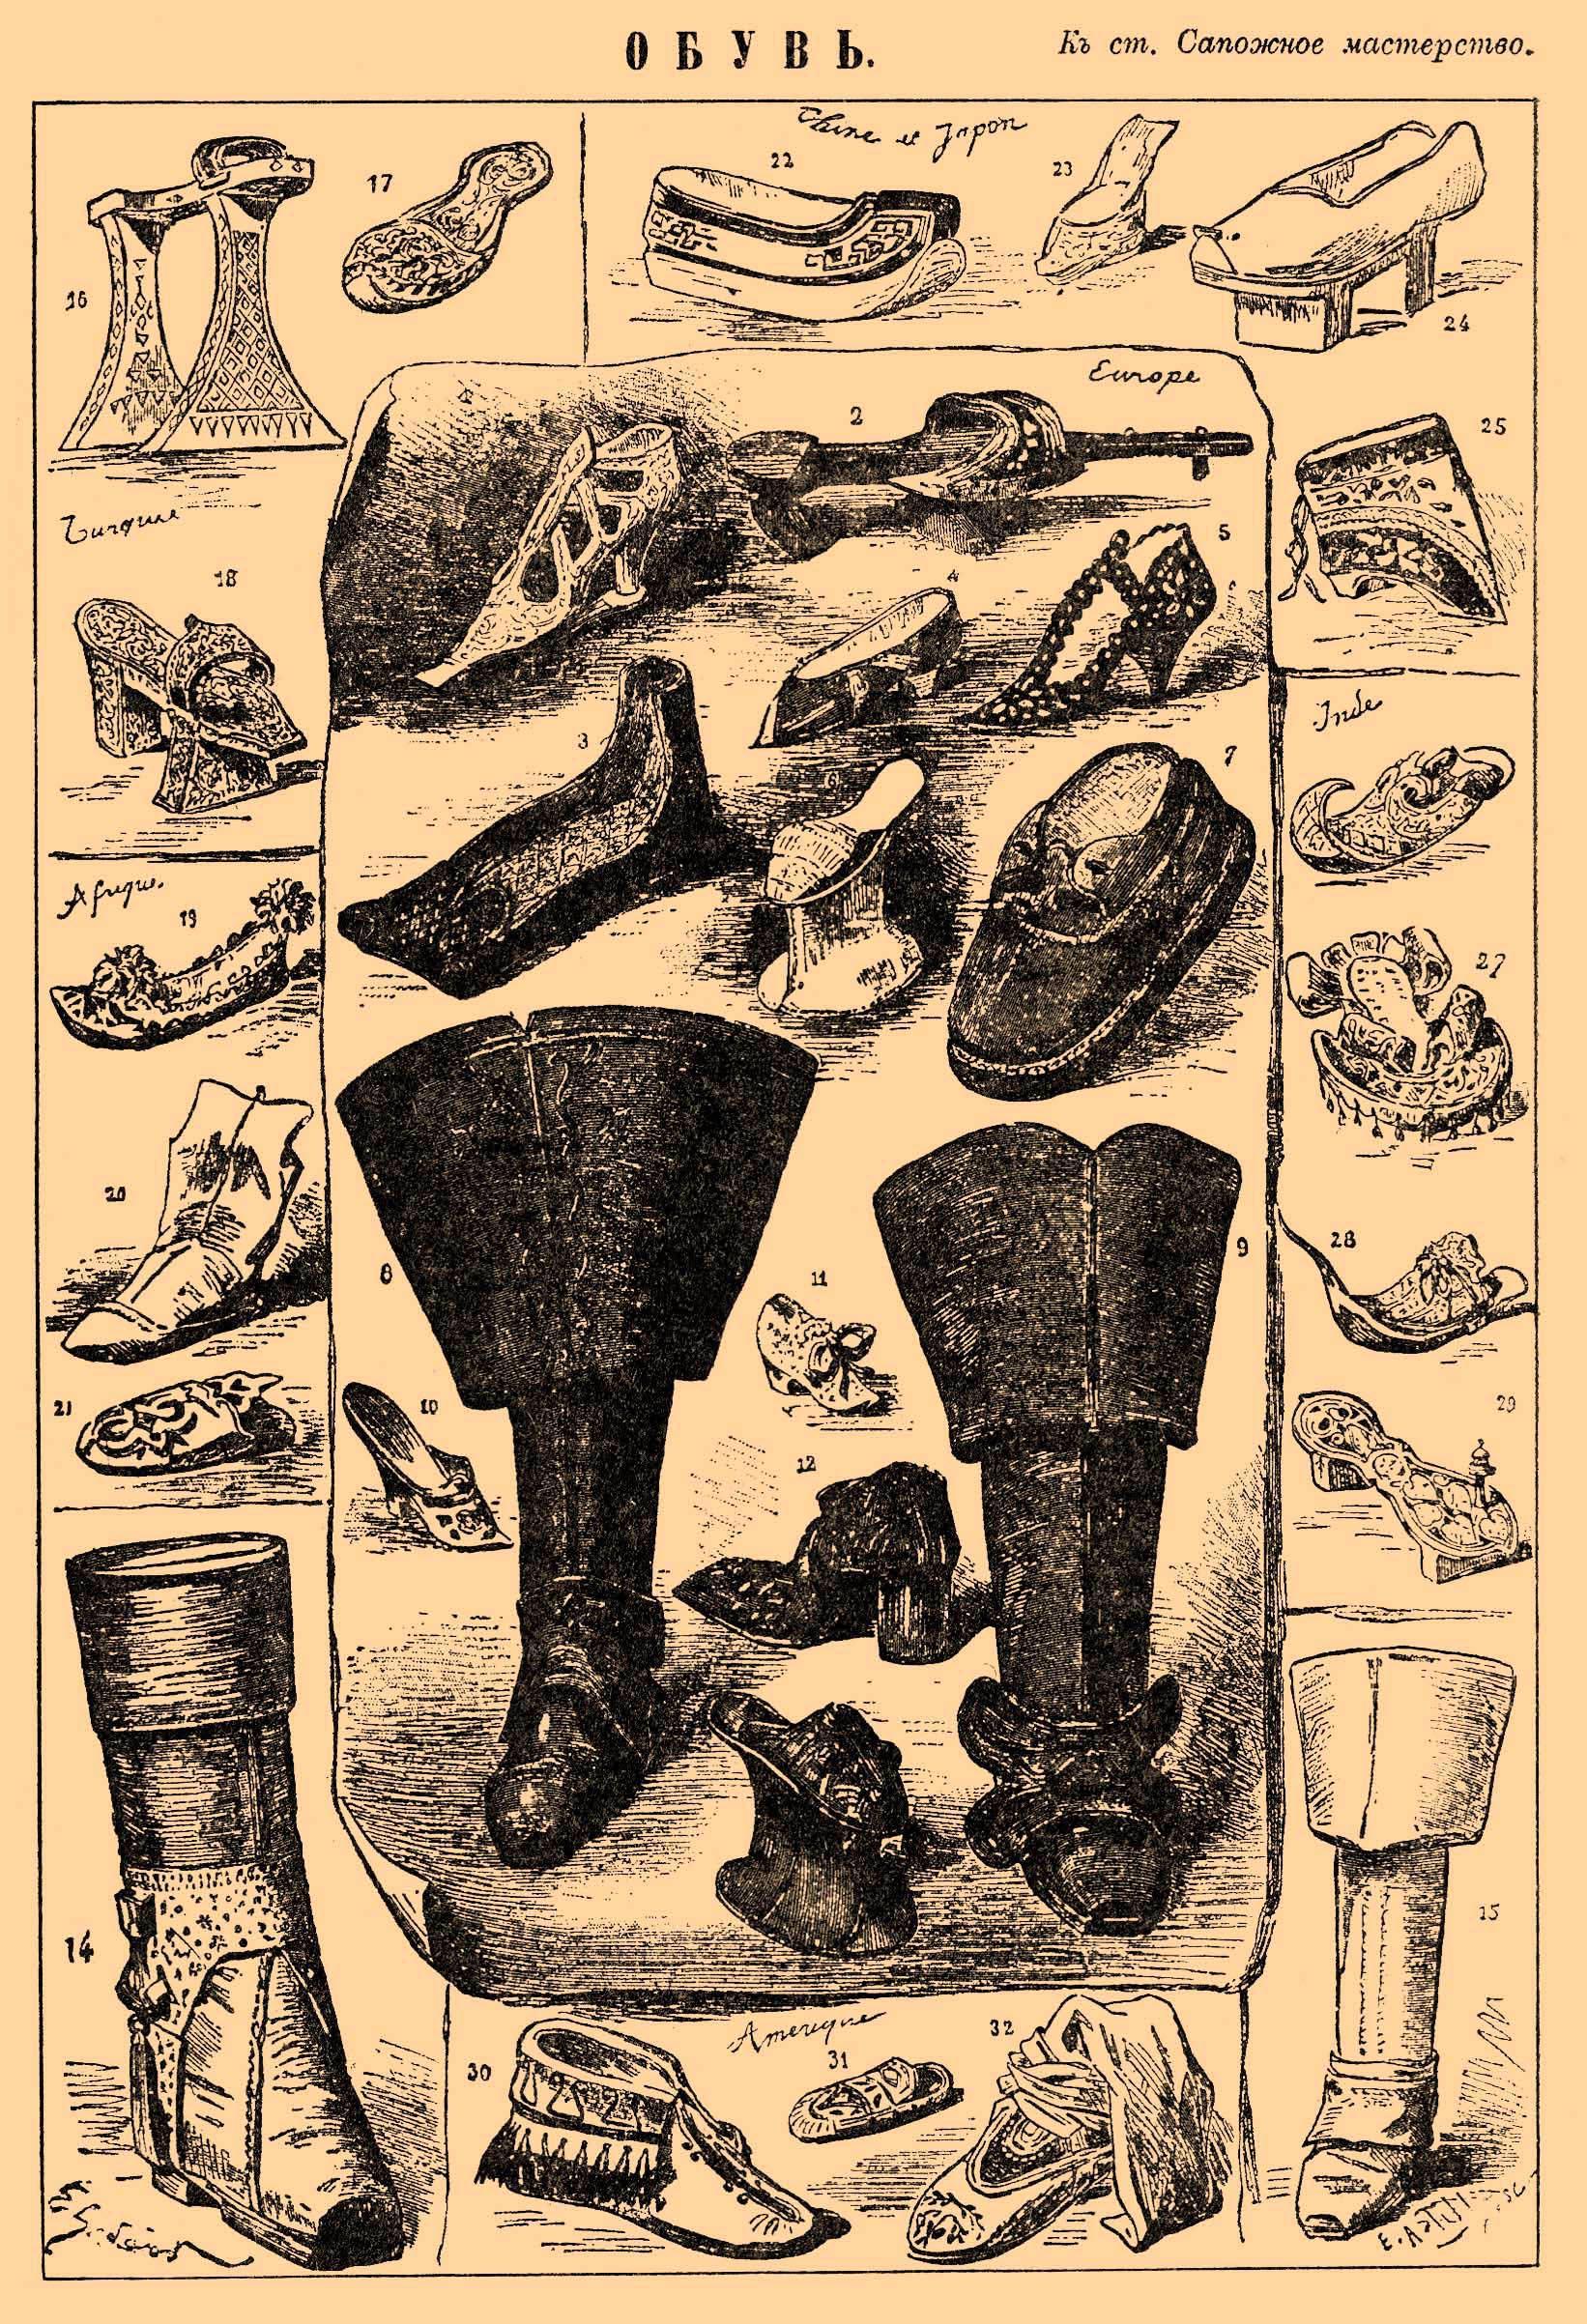 bf8a011d1 Обувь — Википедия